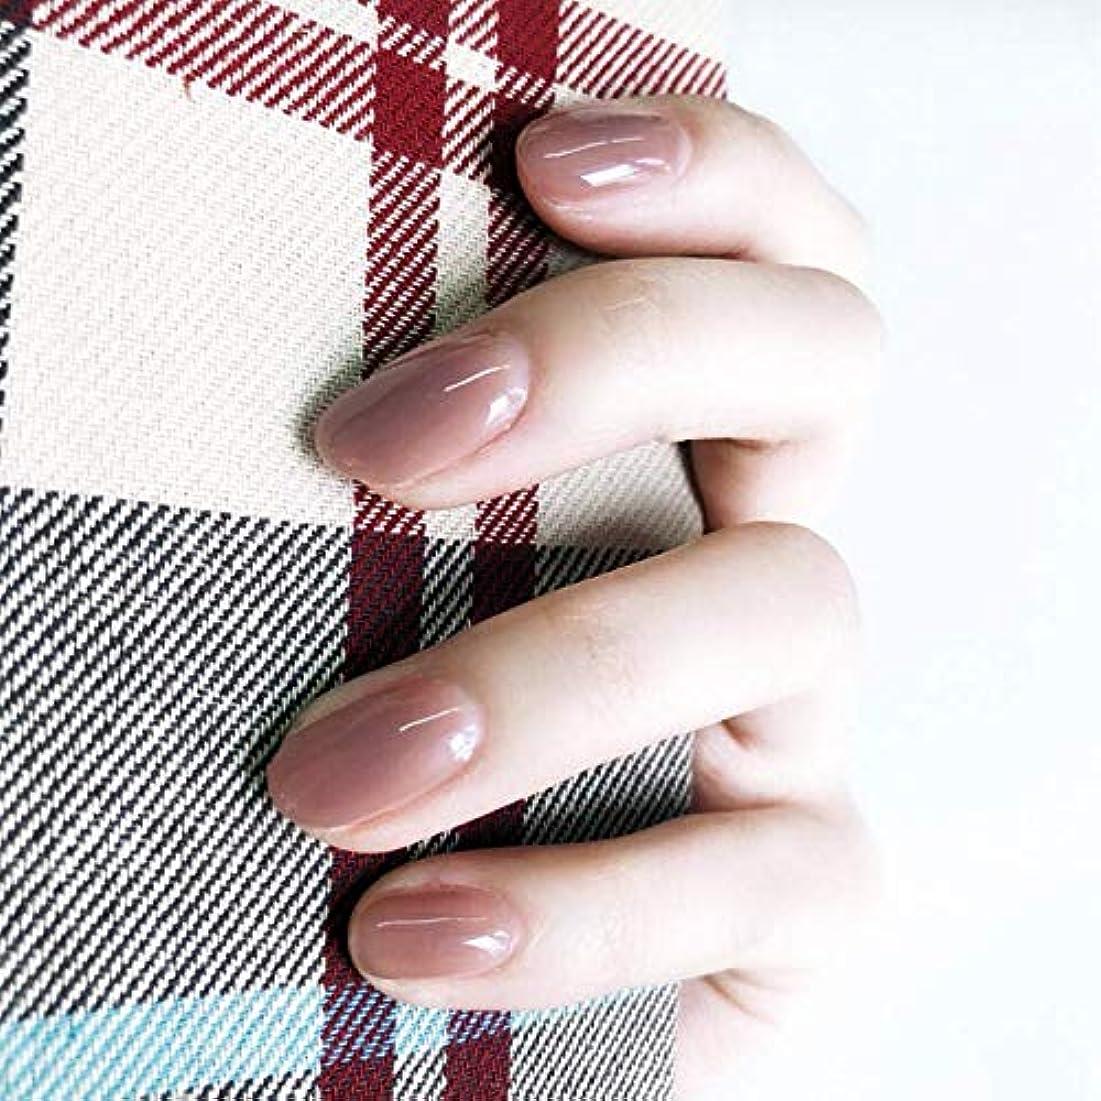 八コードレス滑りやすい24枚入 無地ネイルチップ 可愛い優雅ネイル ins流行する ゼリーネイルチップ 多色オプション 結婚式、パーティー、二次会など 入学式 入園式 ネイルジュエリー つけ爪 (グレーピンク)